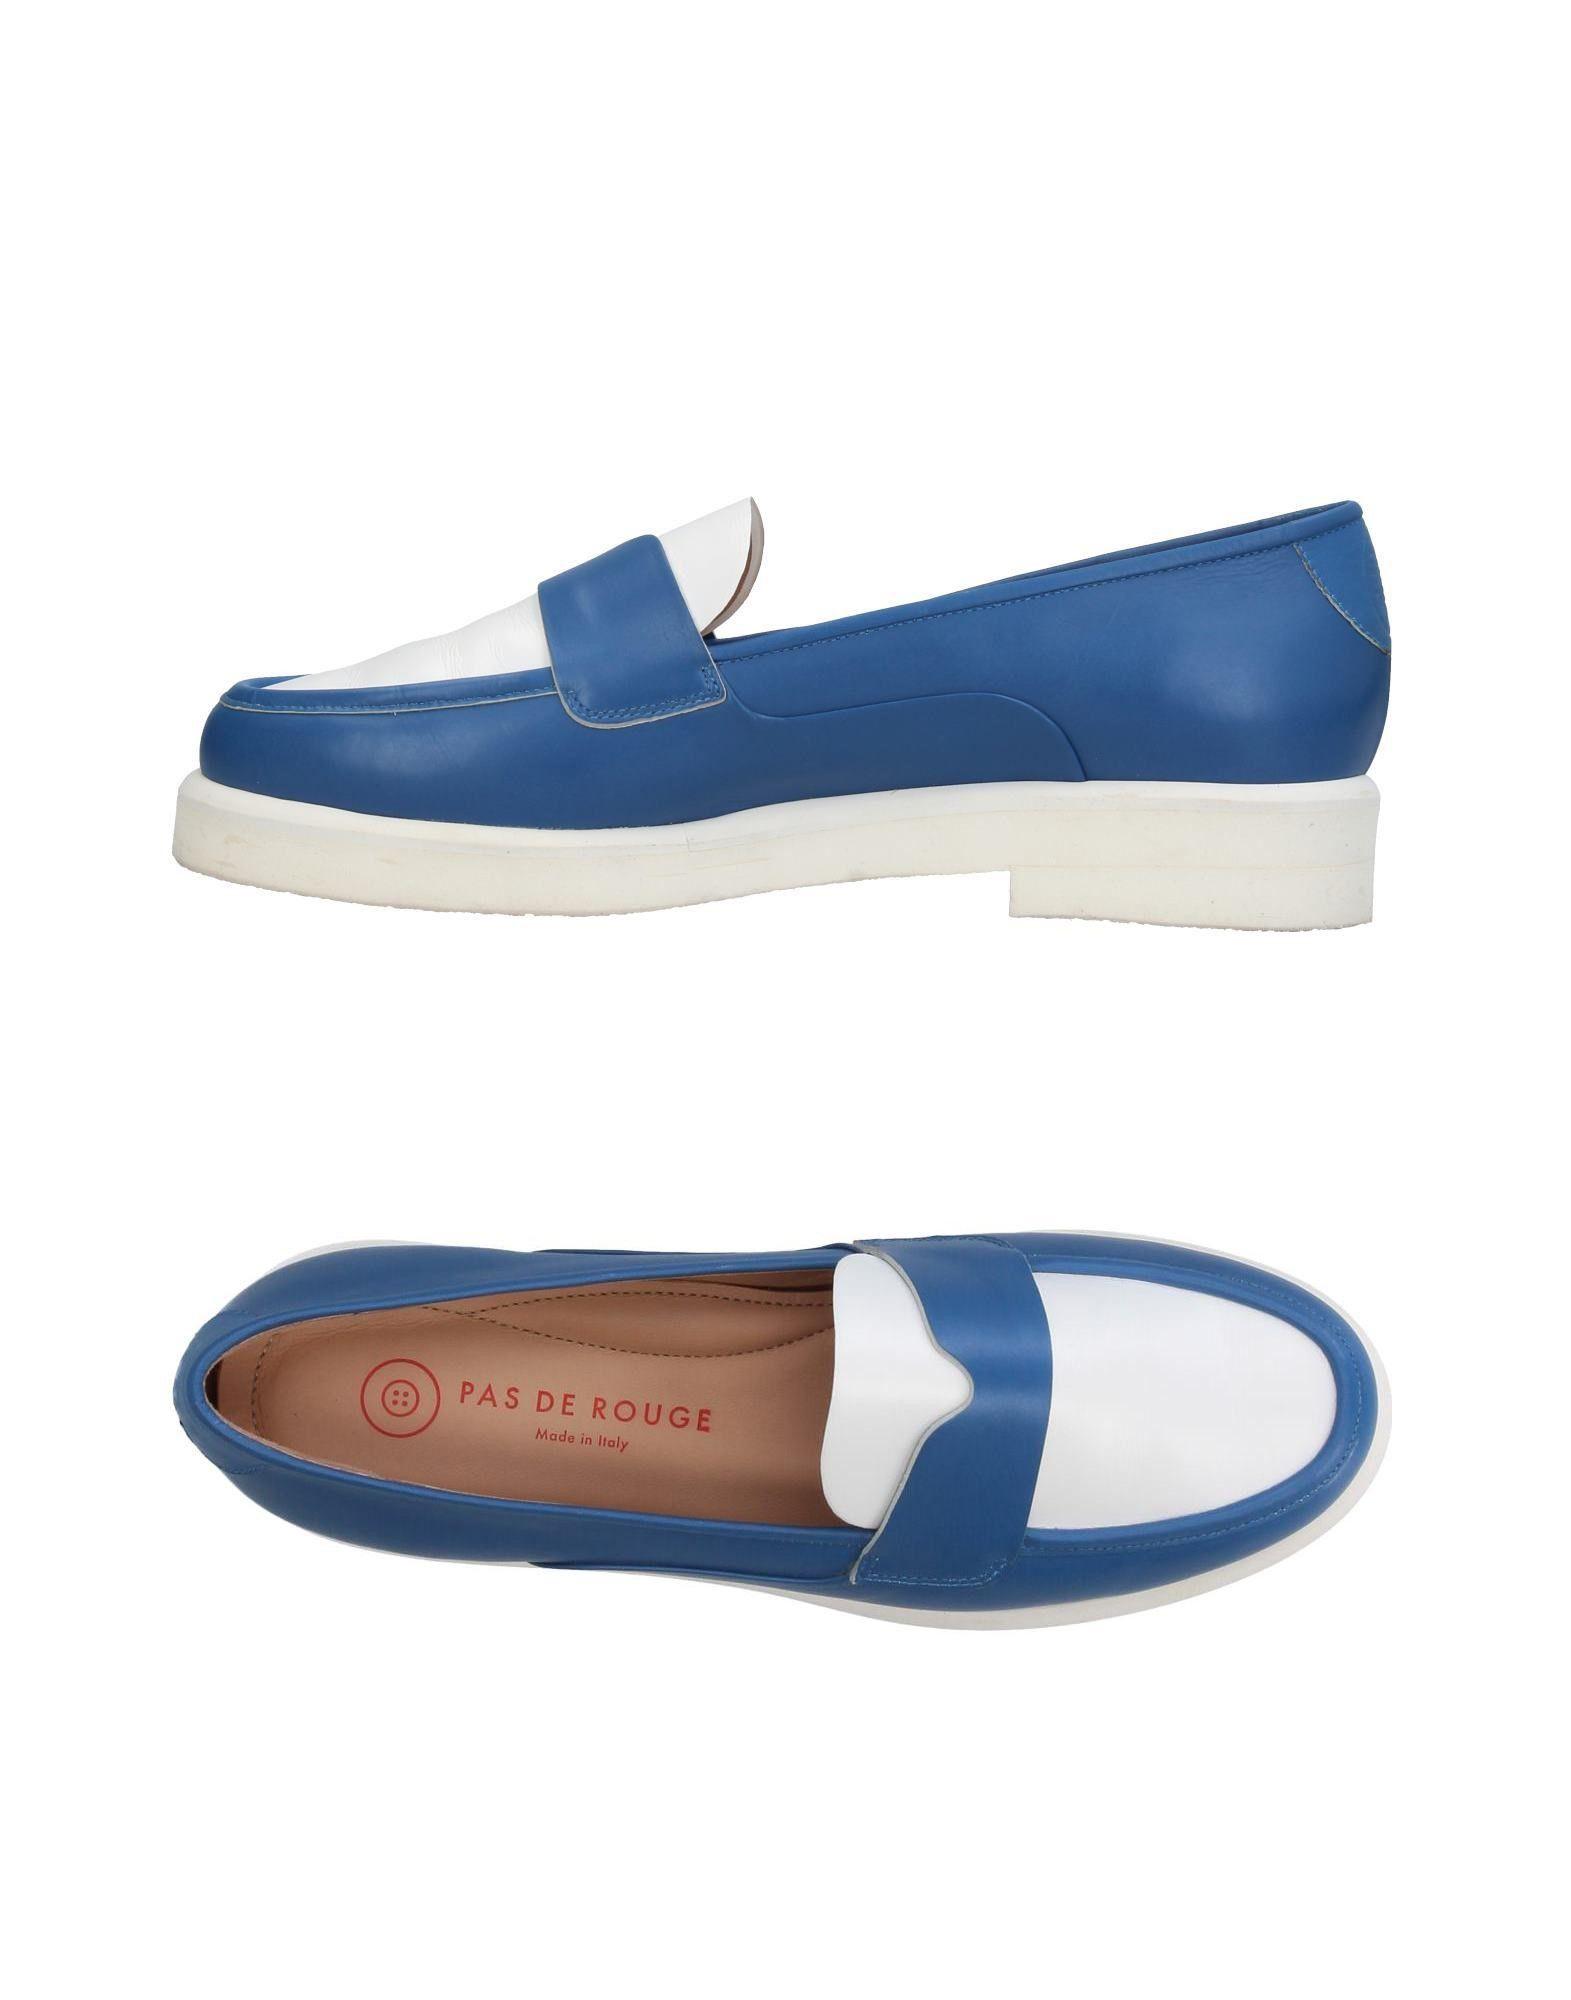 Pas De Rouge Mokassins Damen  11385410ON Gute Qualität beliebte Schuhe